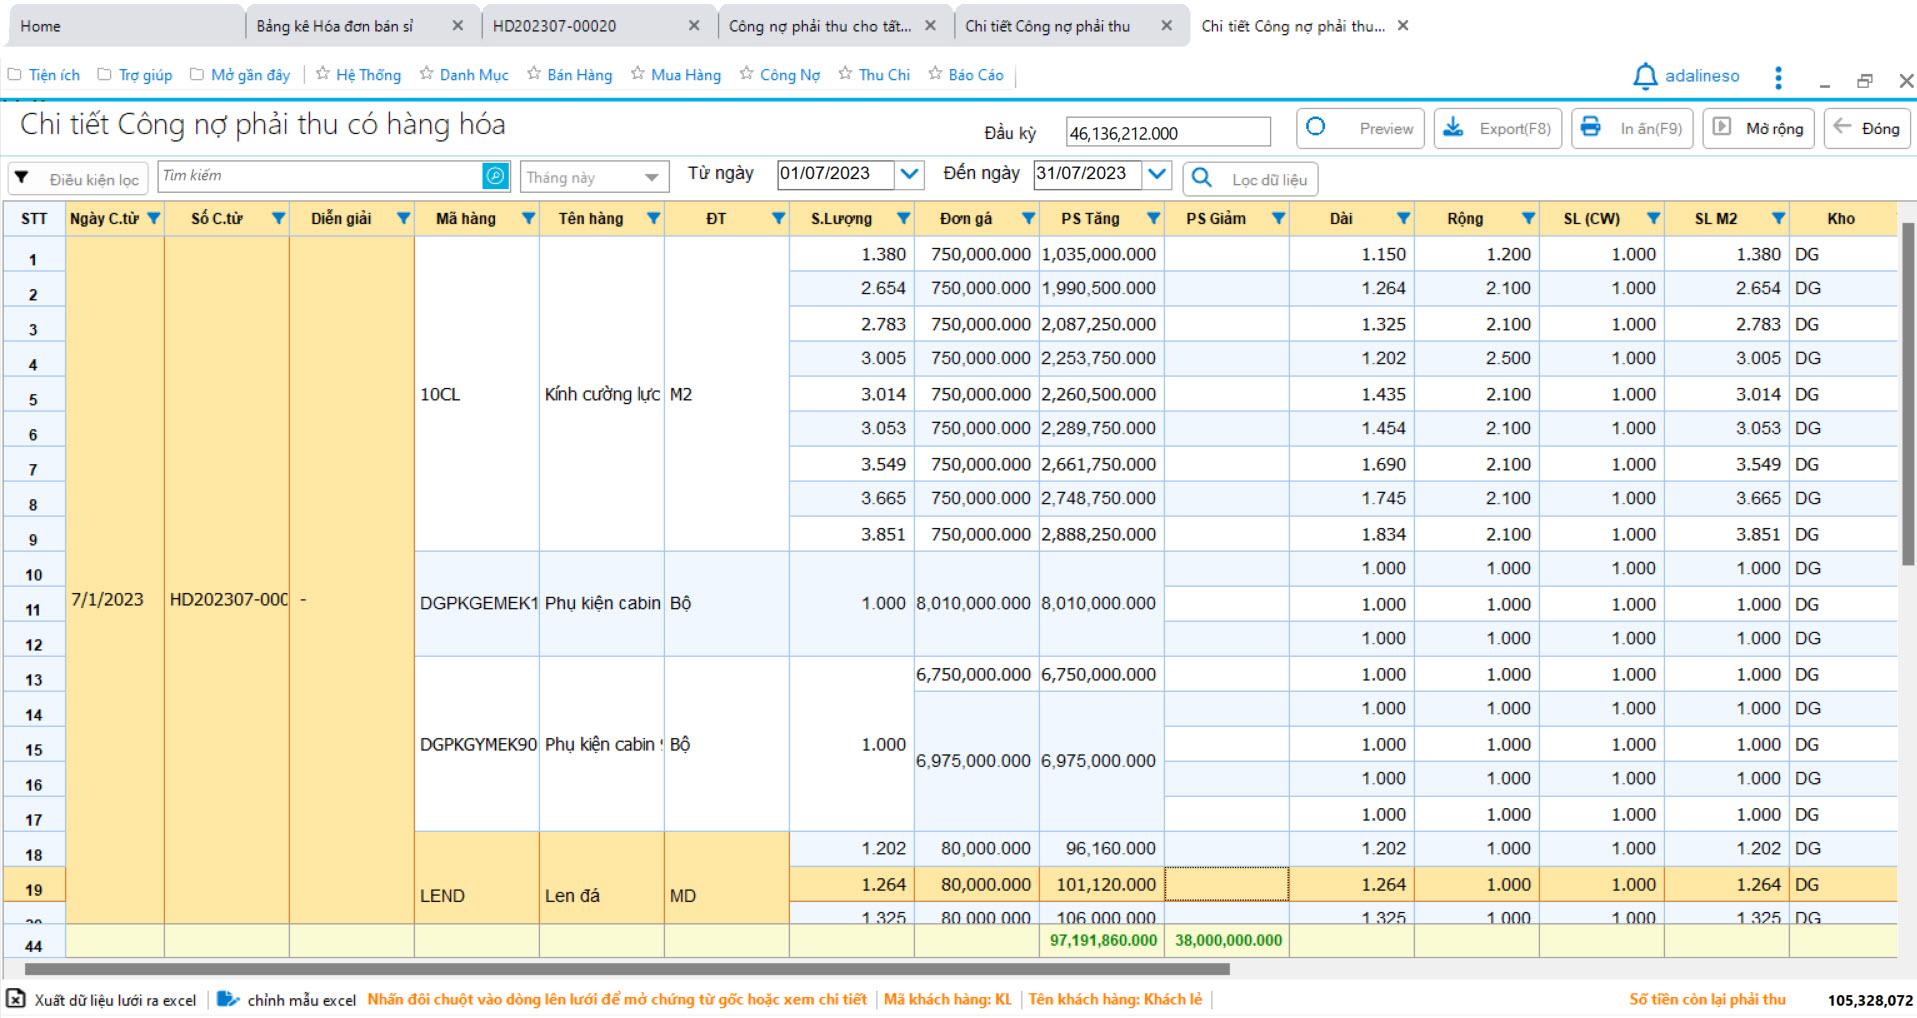 Phần mềm bán hàng nhôm kính sắt thép - Phiếu nhập kho